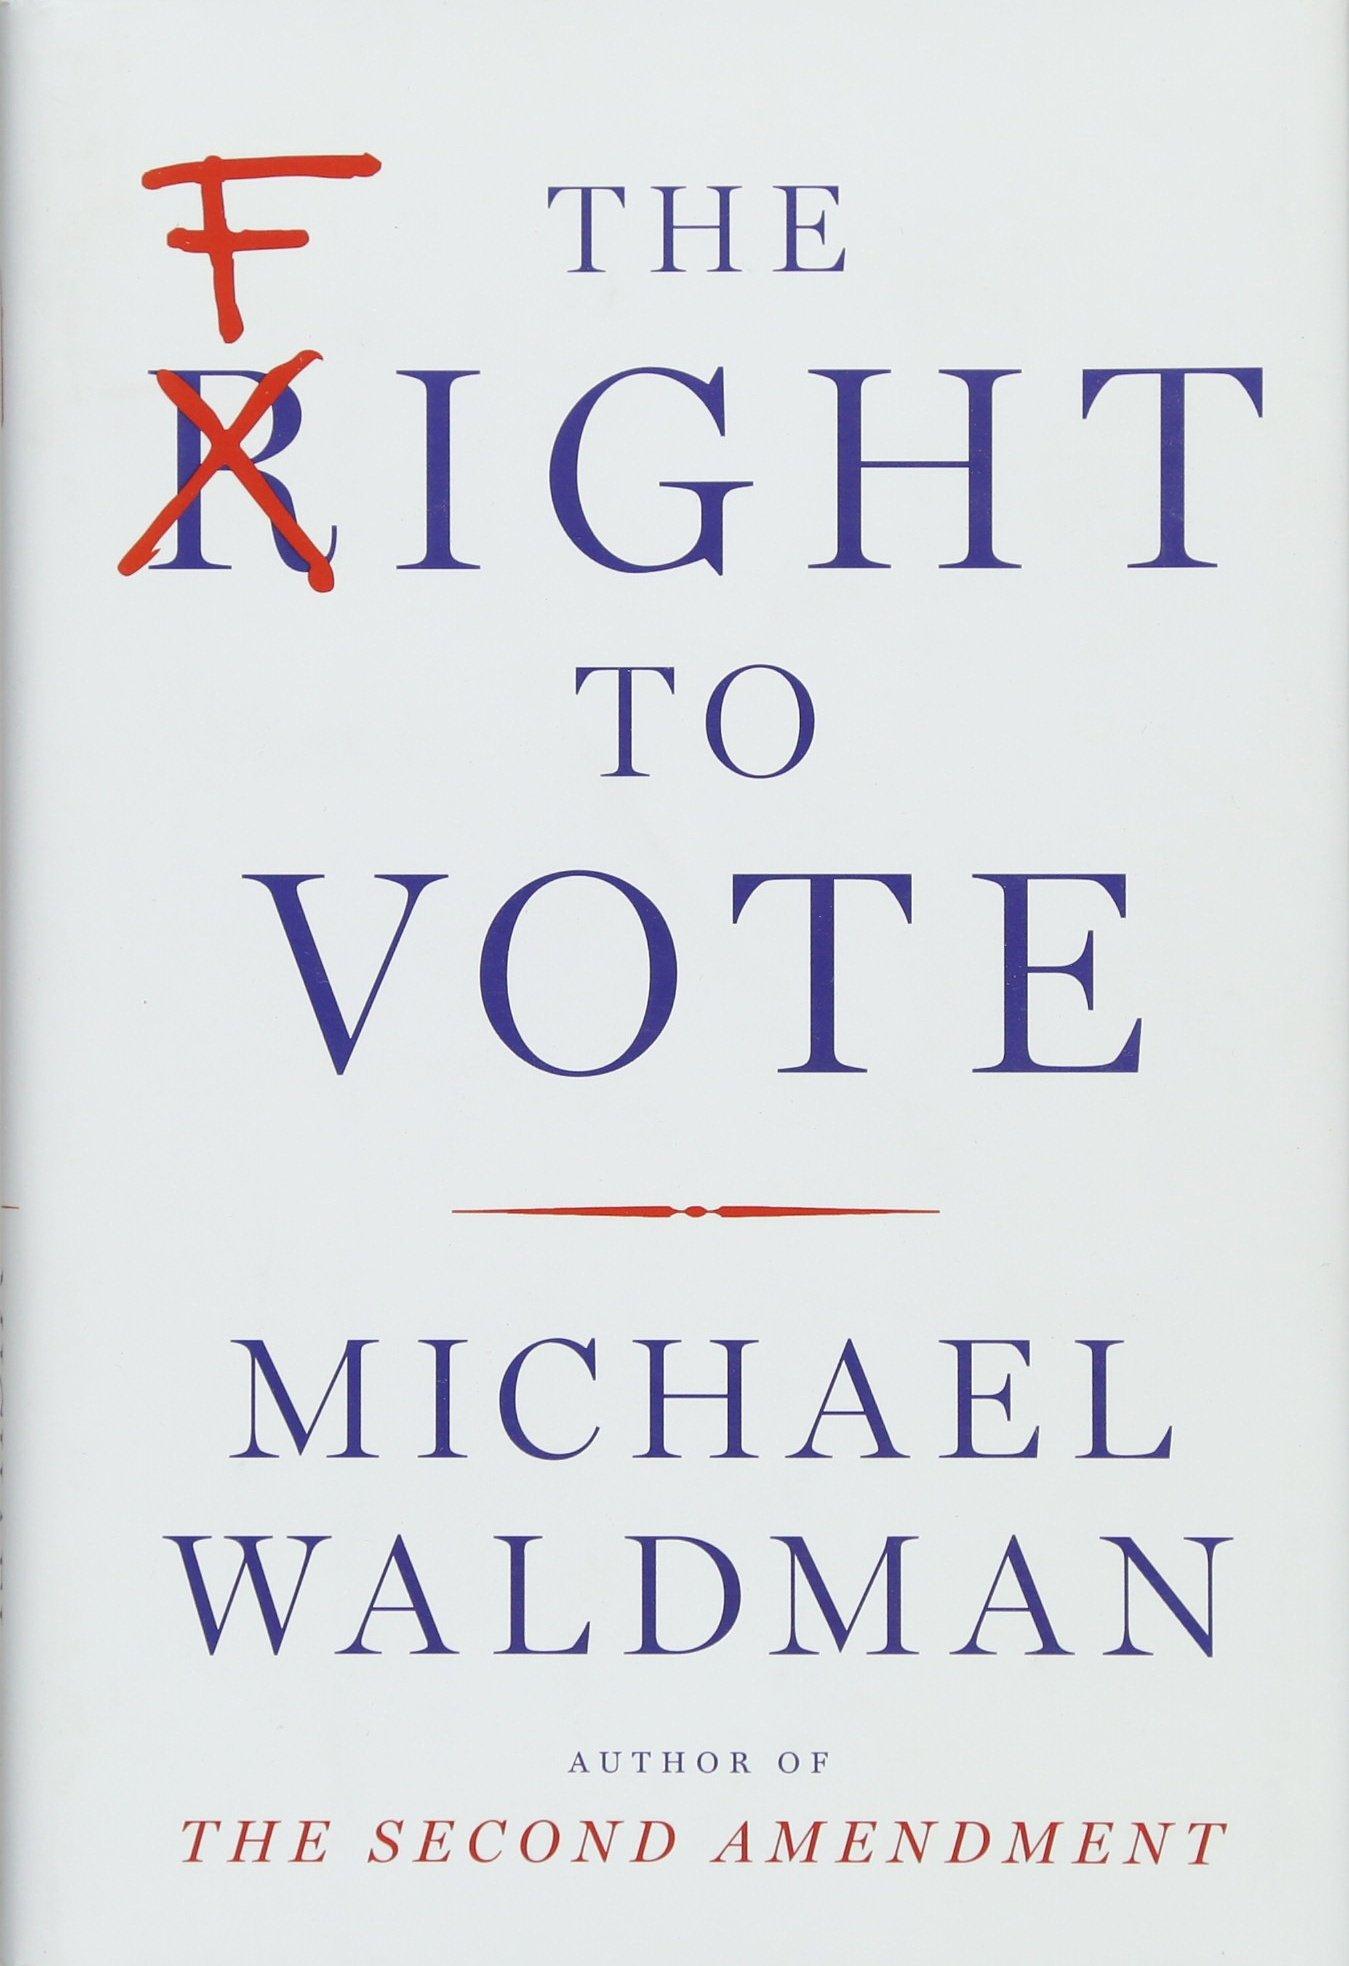 039ab5555 The Fight to Vote - Livros na Amazon Brasil- 9781501116483